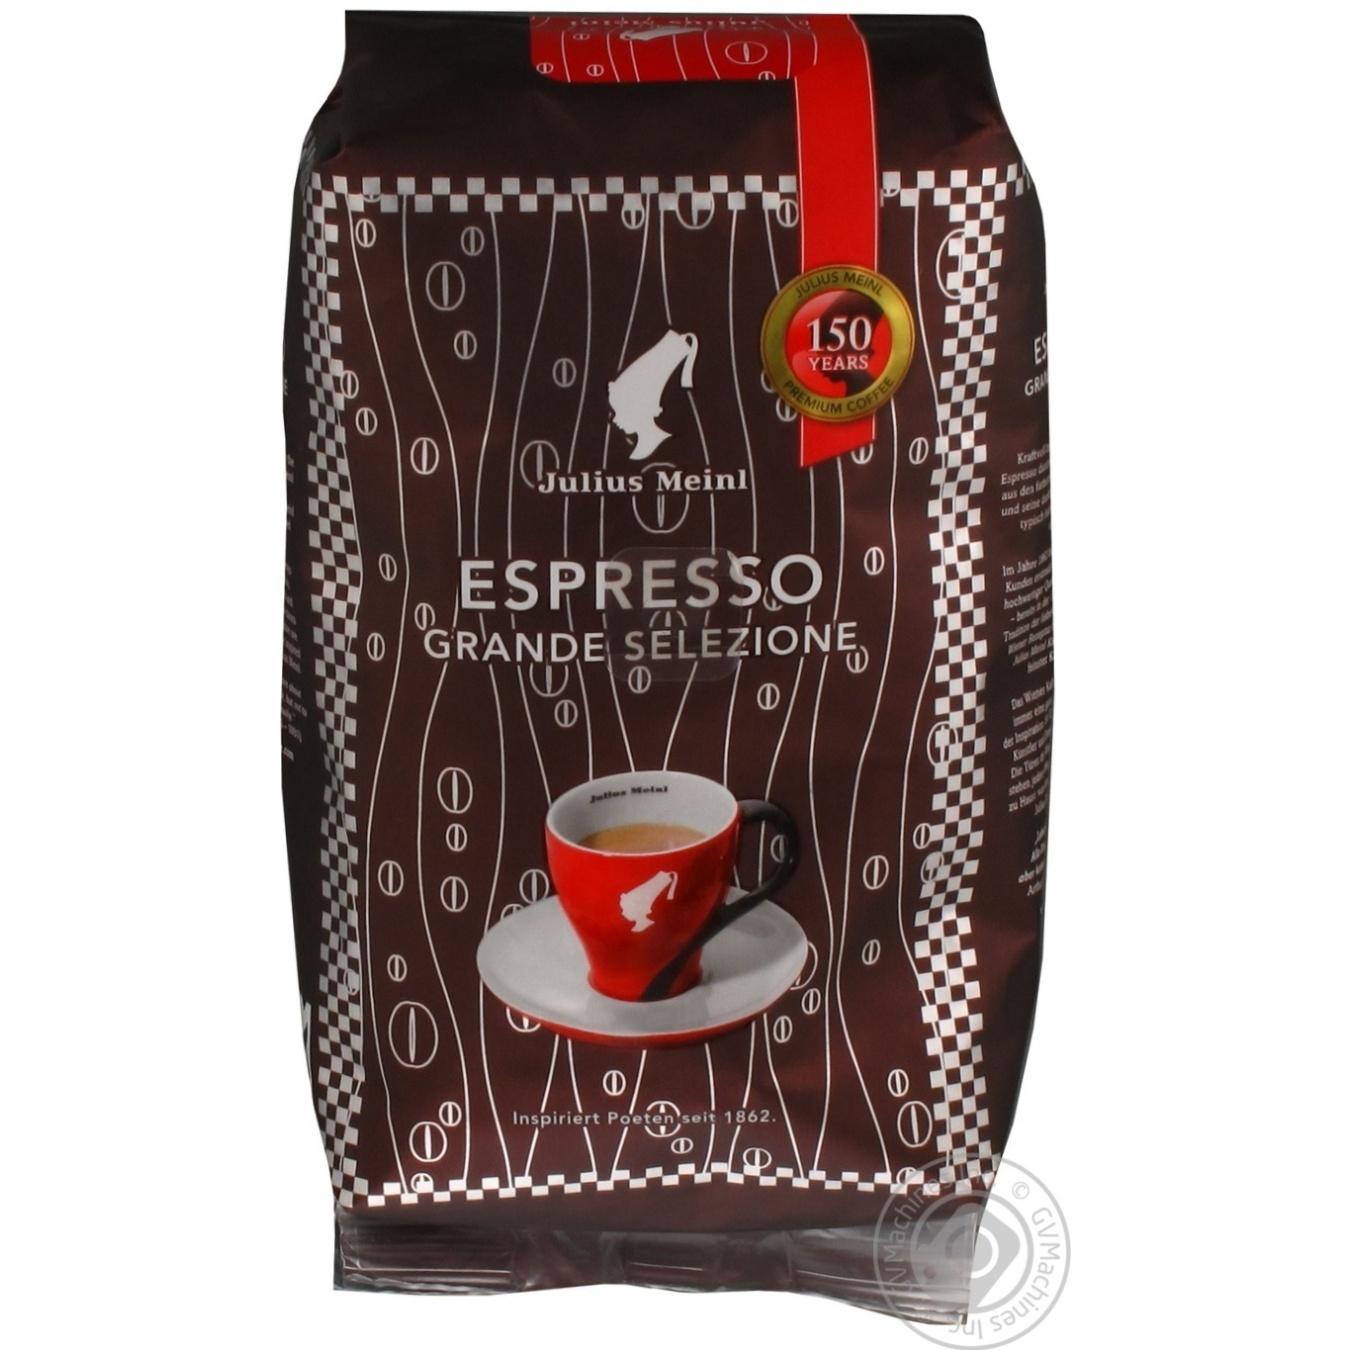 Купить Кофе Юлиус Майнл Эспрессо натуральный жареный в зернах 500г